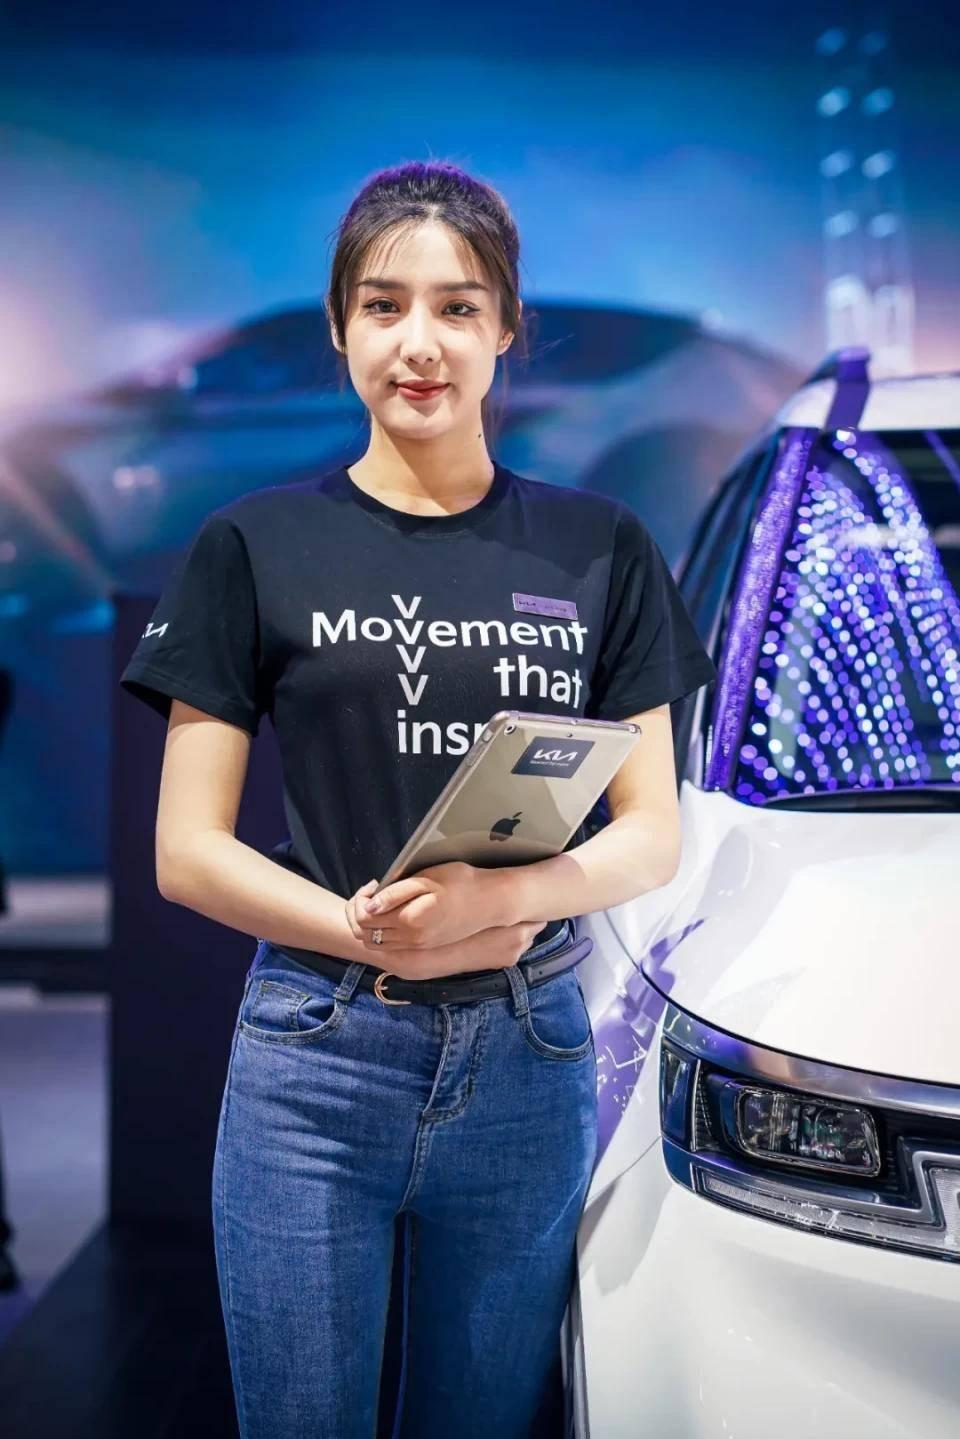 图赏:上海车展上的车模小姐姐们(图7)